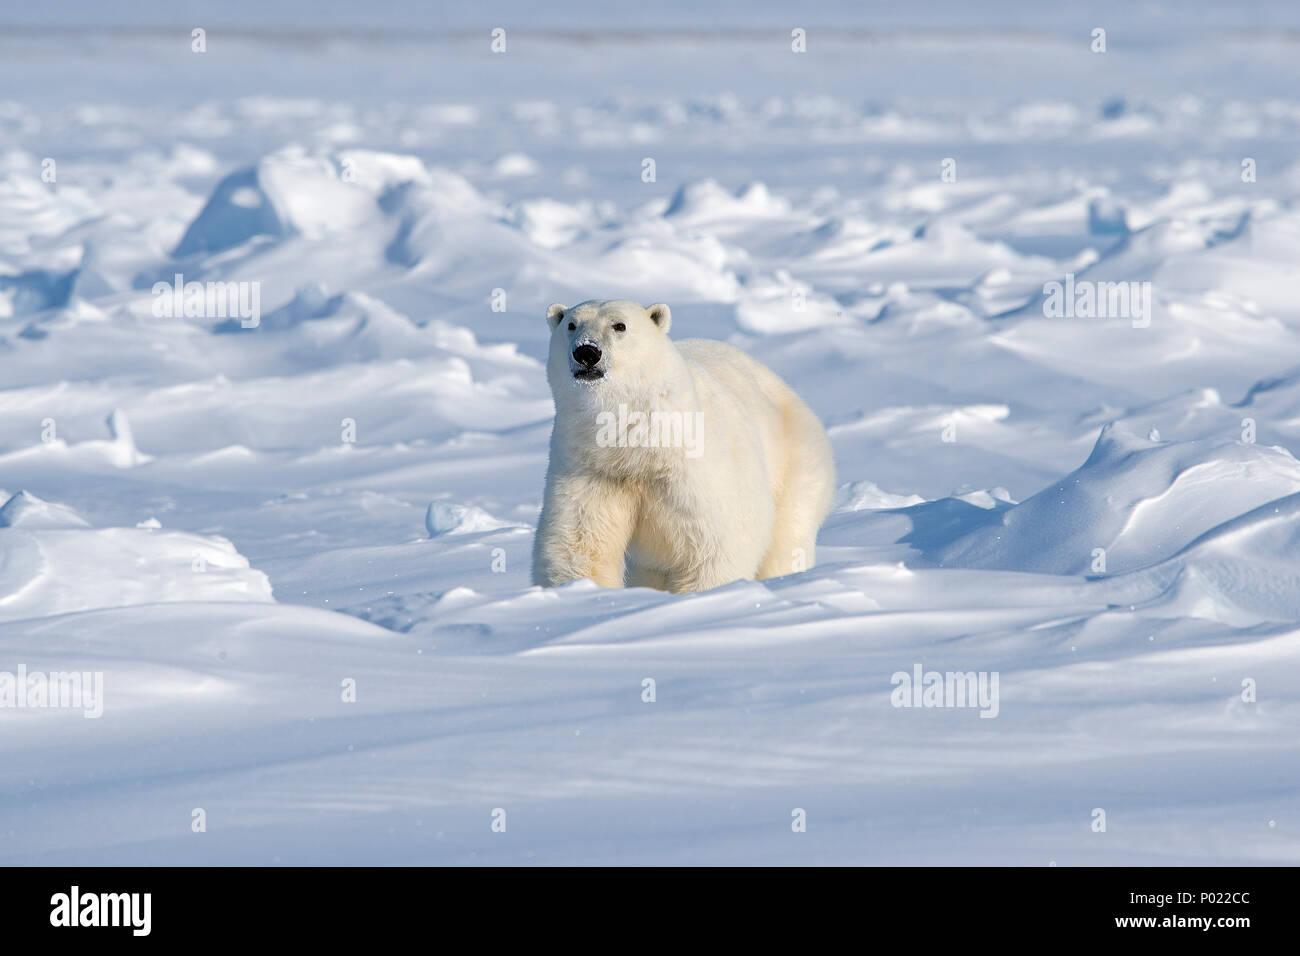 Polar Bear (Ursus maritimus, synonym Thalarctos maritimus), Nunavut Territory, Canada - Stock Image